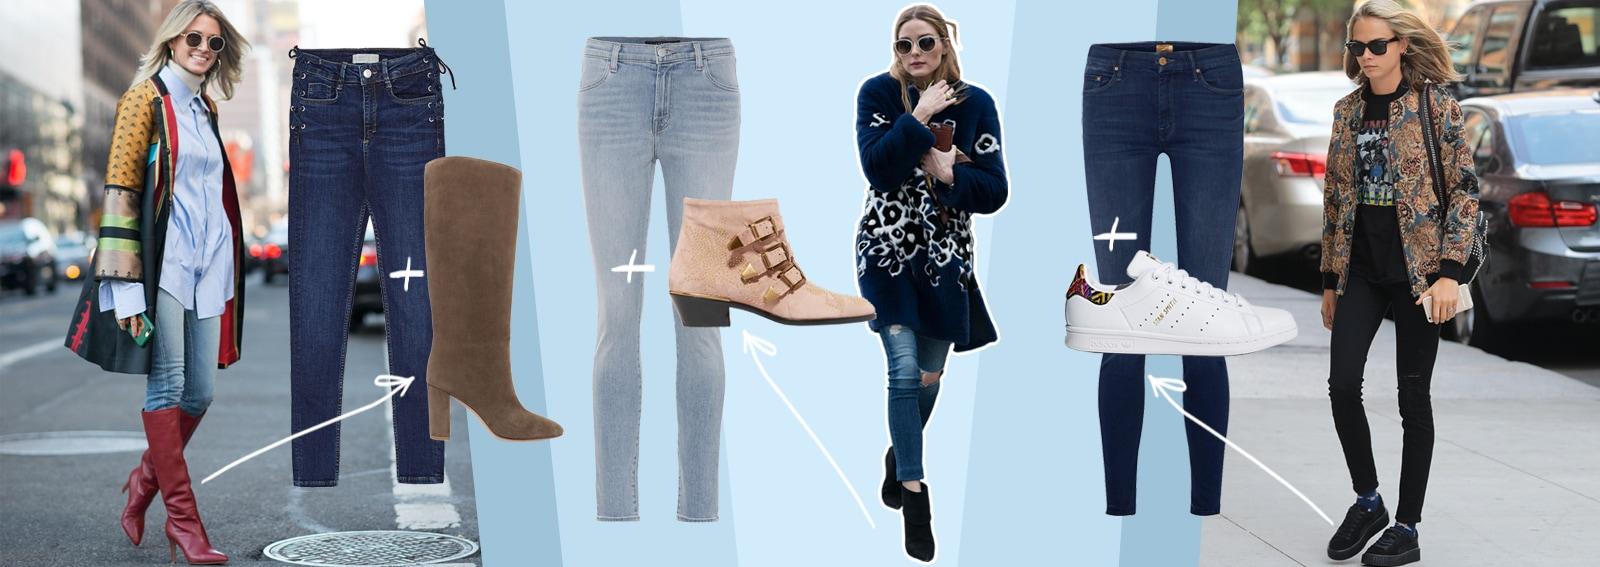 Skinny Jeans: le scarpe con cui indossarli